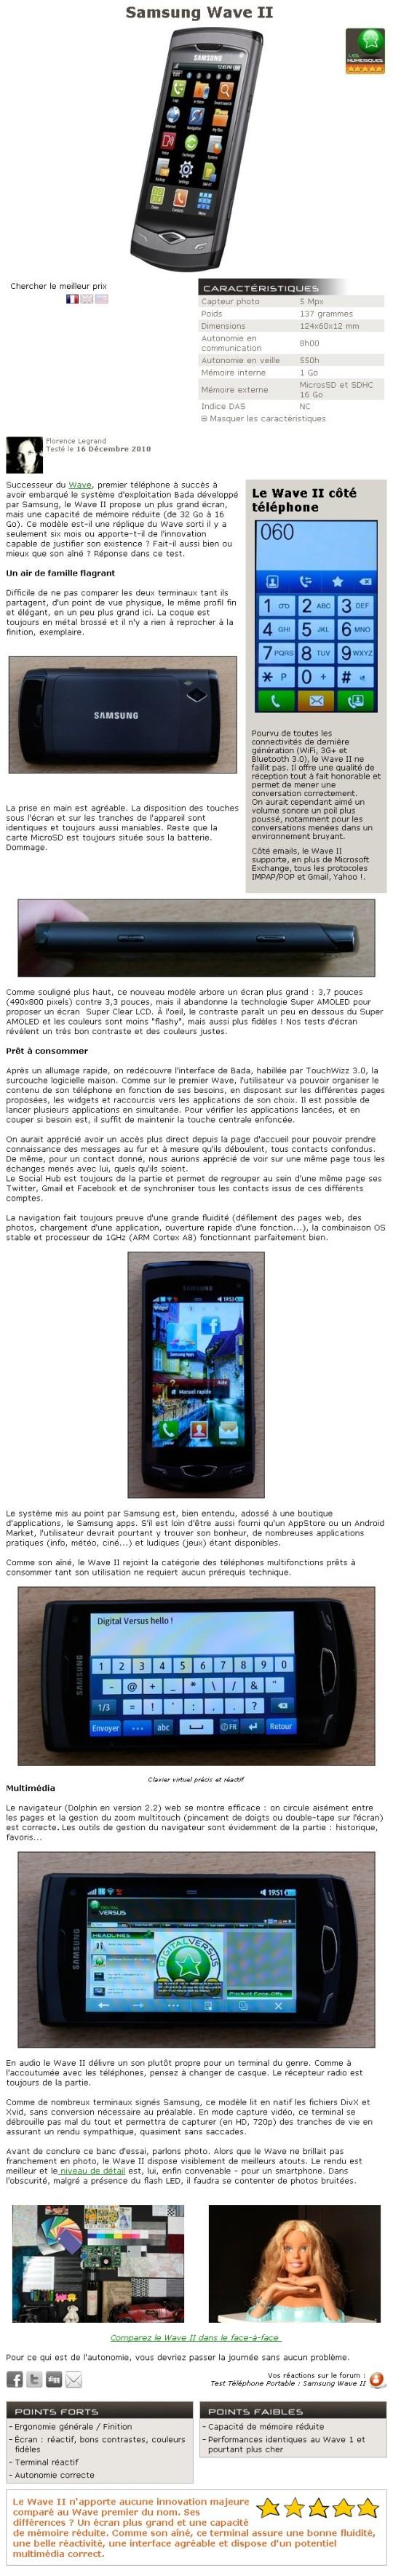 Test du Samsung Wave II Wave2